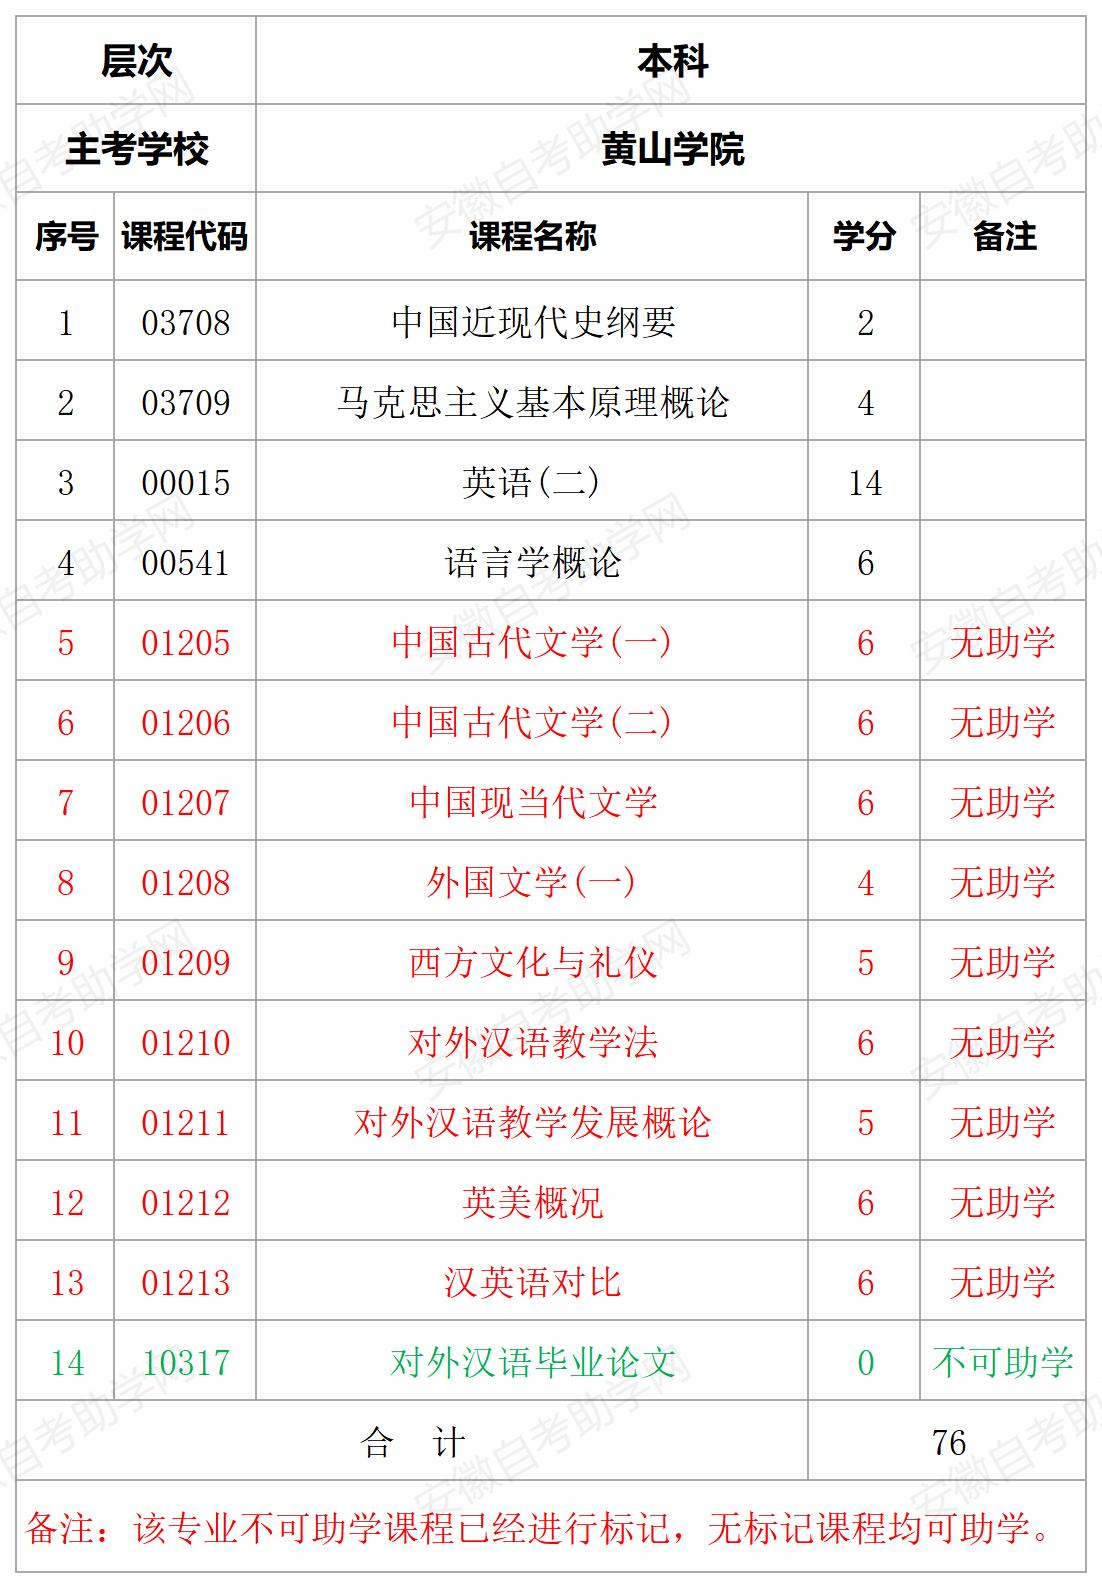 黄山学院汉语国际教育助学课程详情表